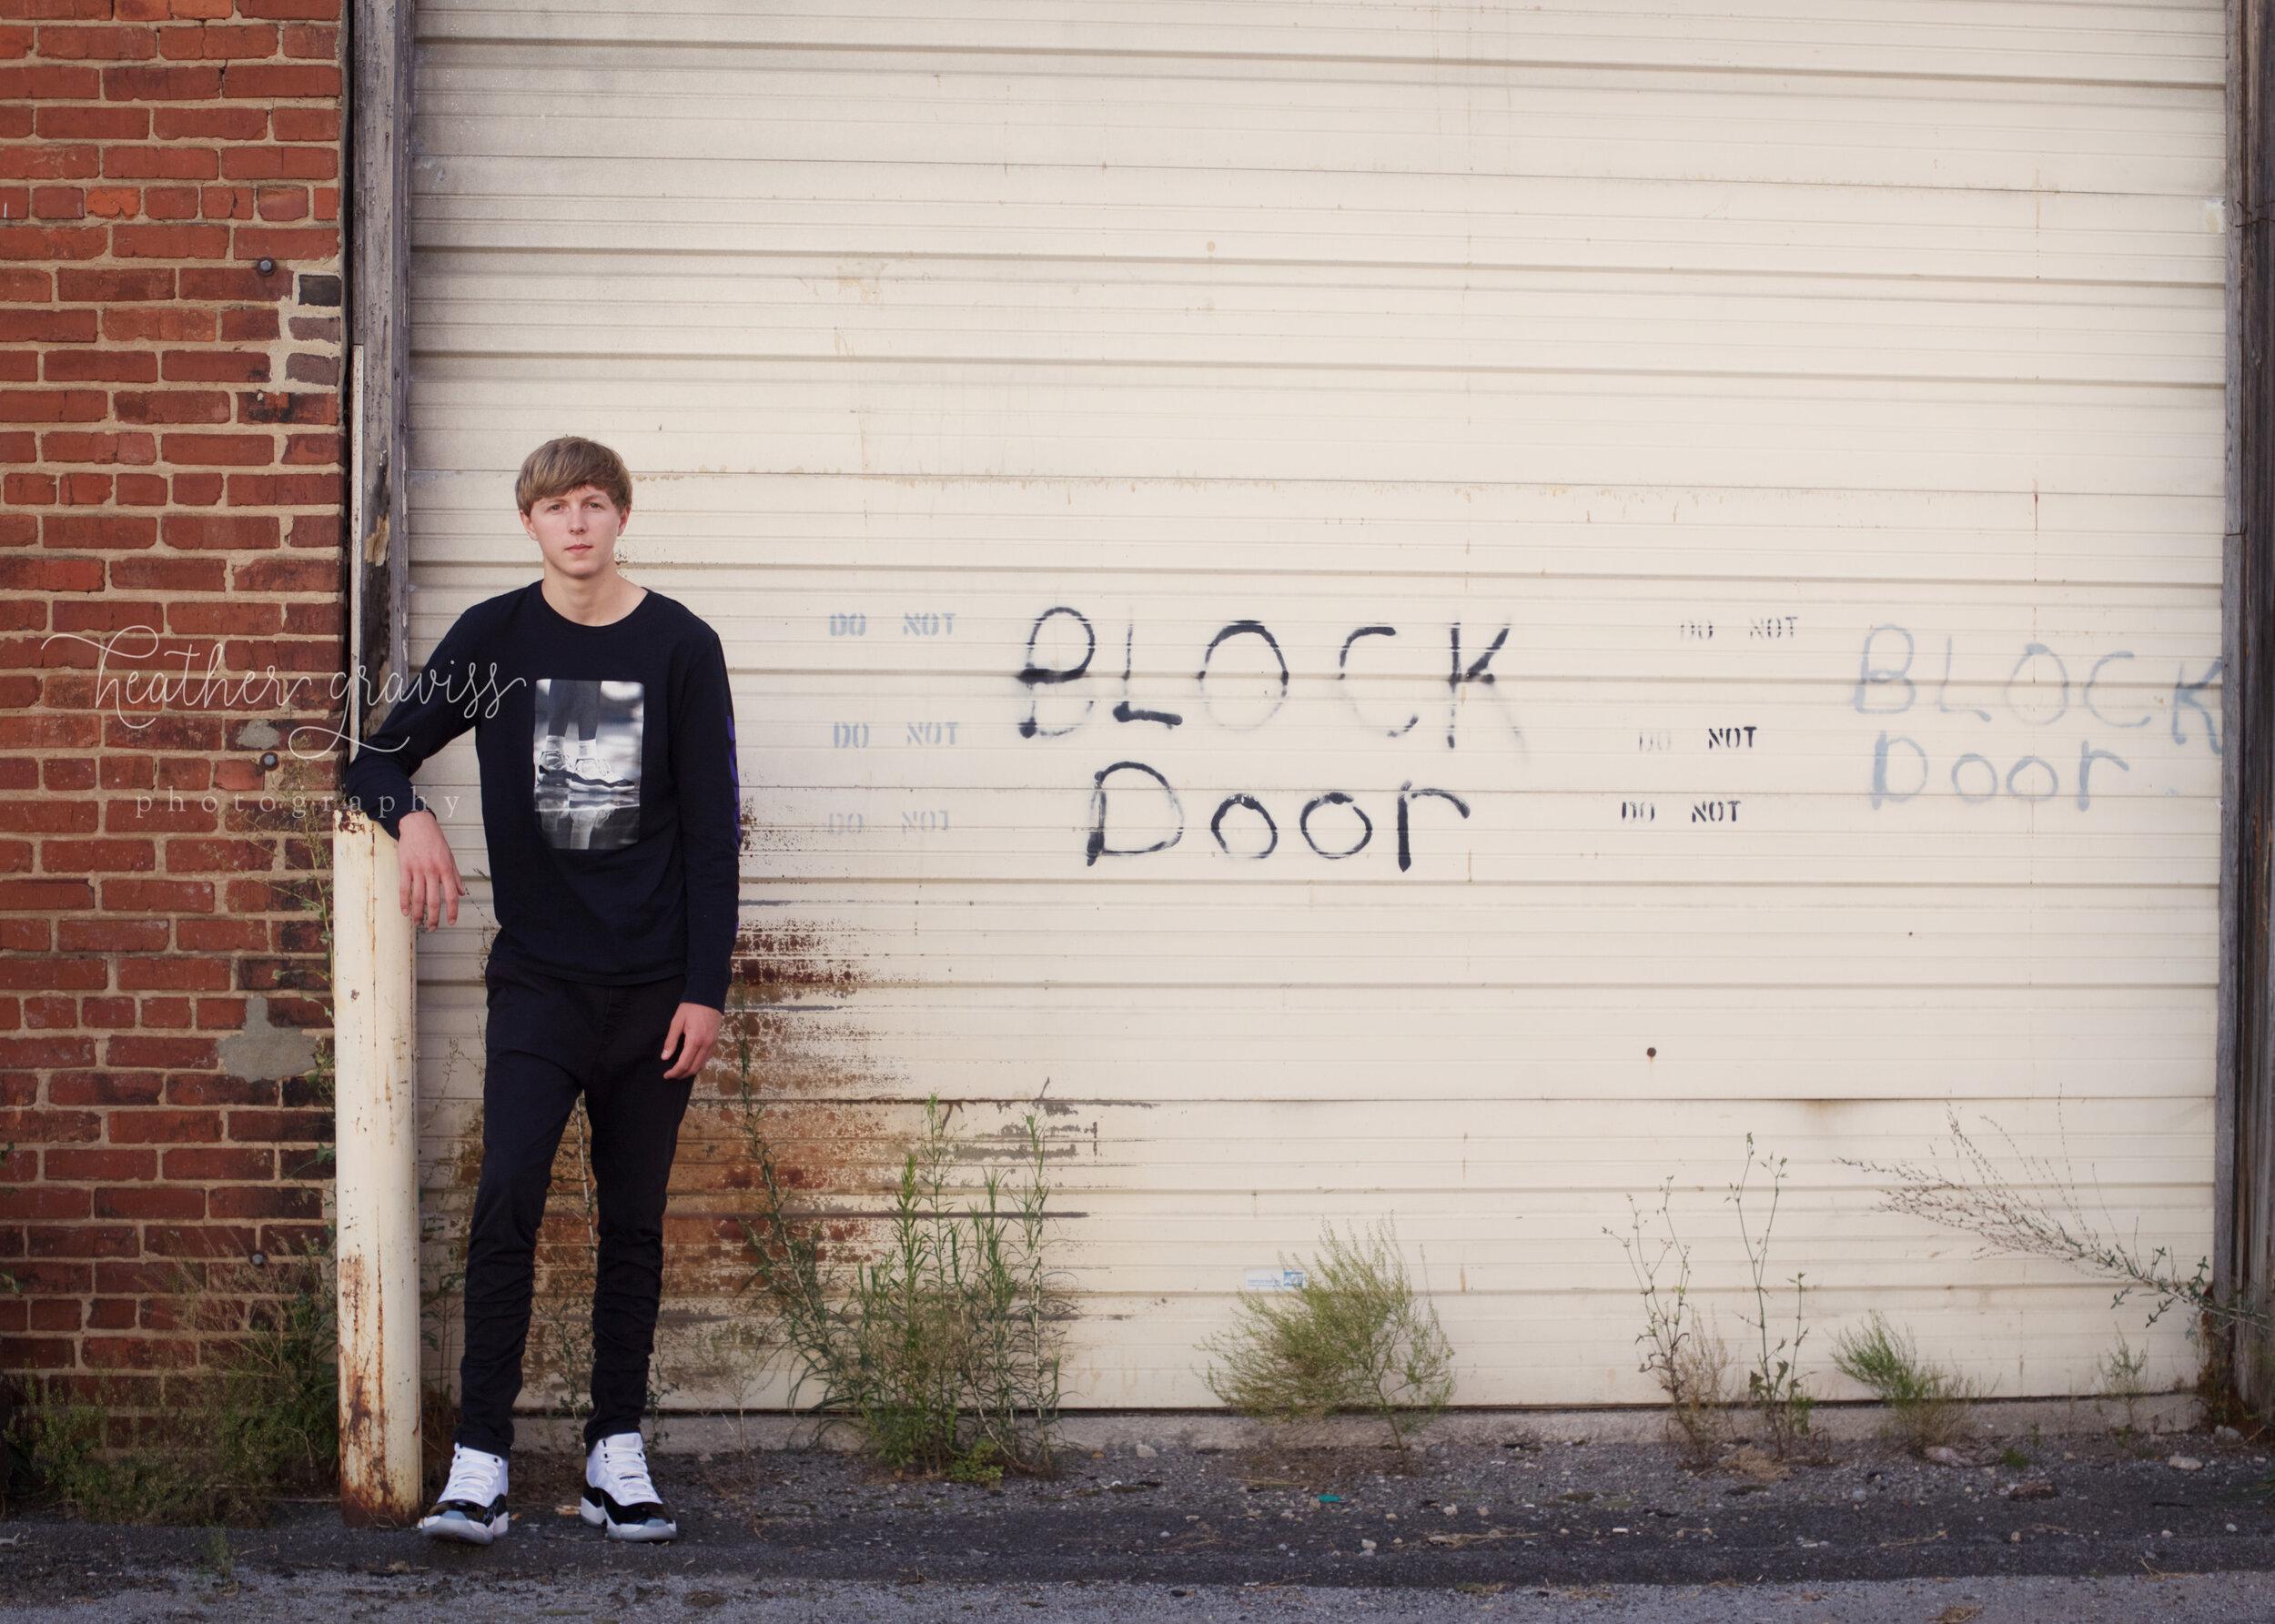 do-not-block-door.jpg